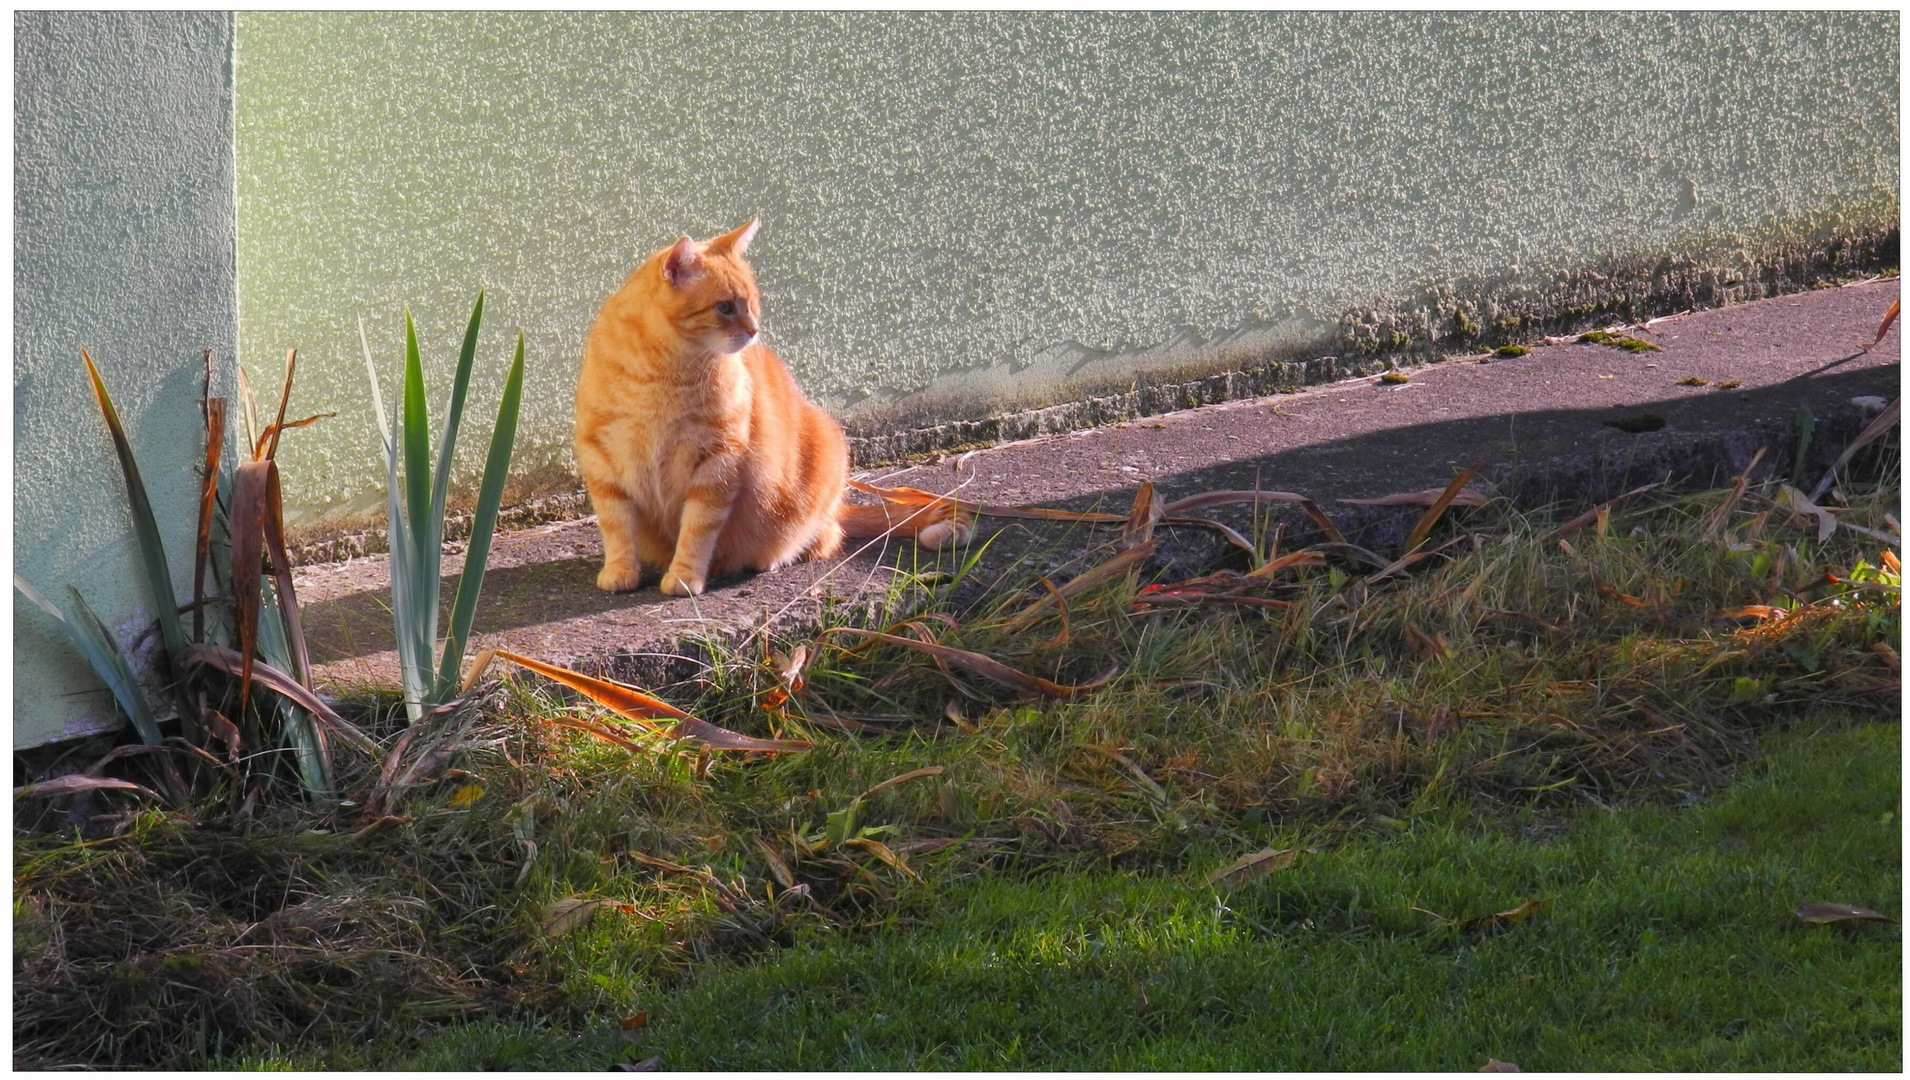 Fuchsie, mein Sonnenschein (Zorrito, mi cariño)